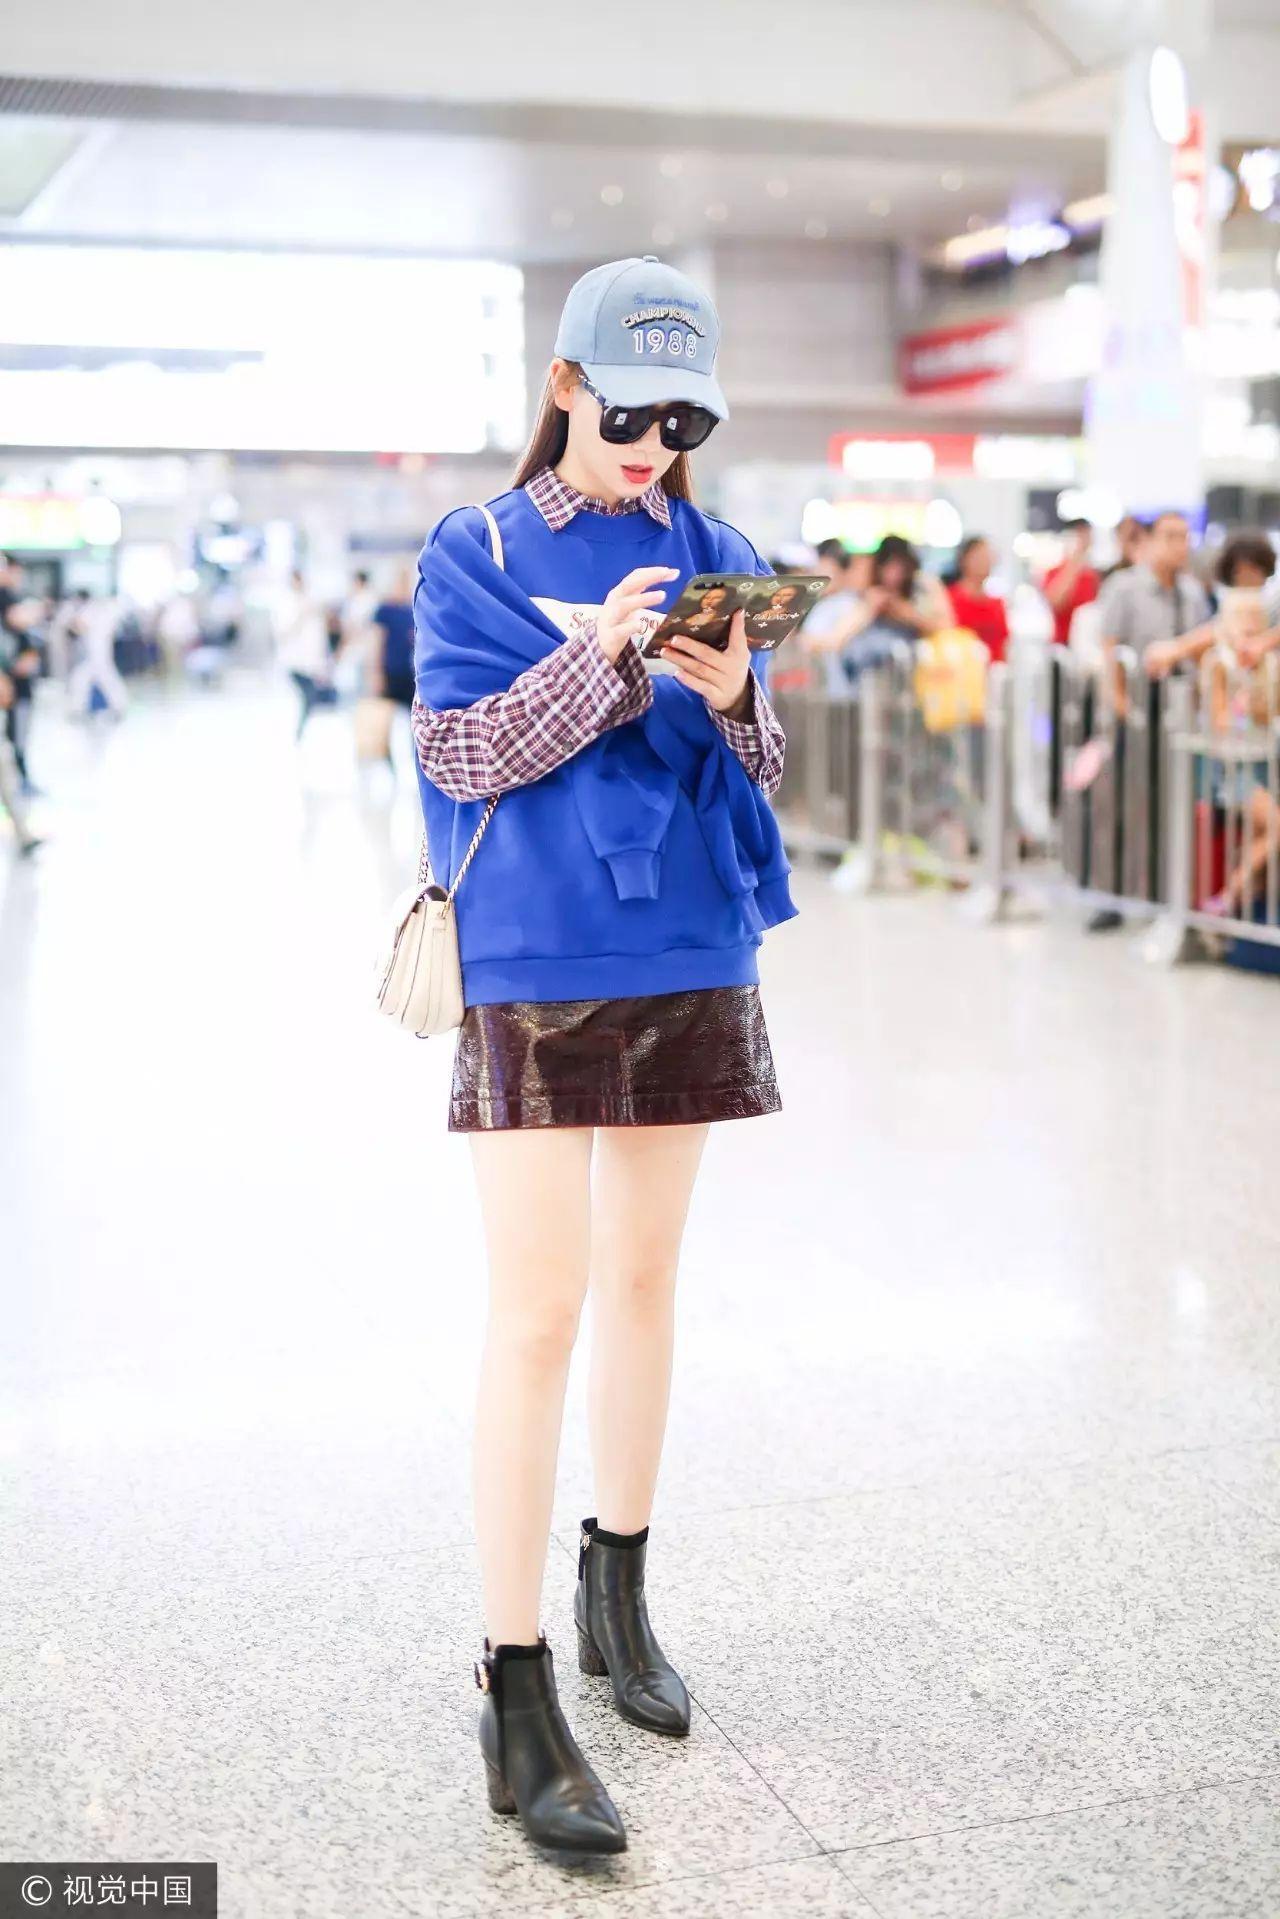 为什么戚薇很时髦你却没发现? 大概因为她一直穿衣不出错吧 15